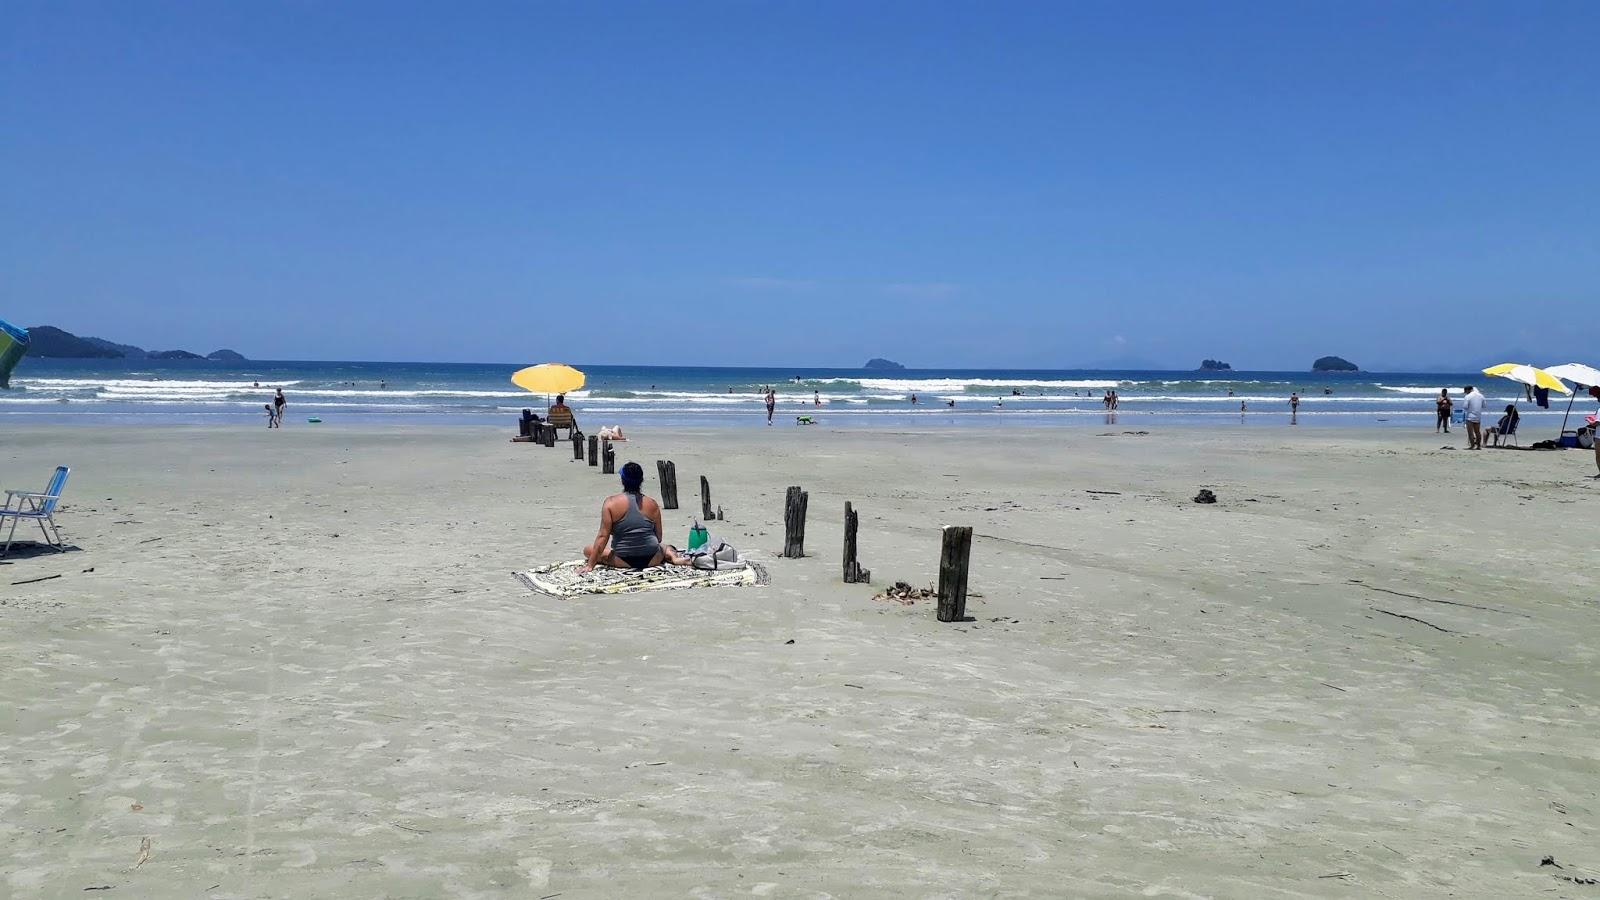 Primeira visão da Praia da Fazenda após passar pelo Centro de Visitantes